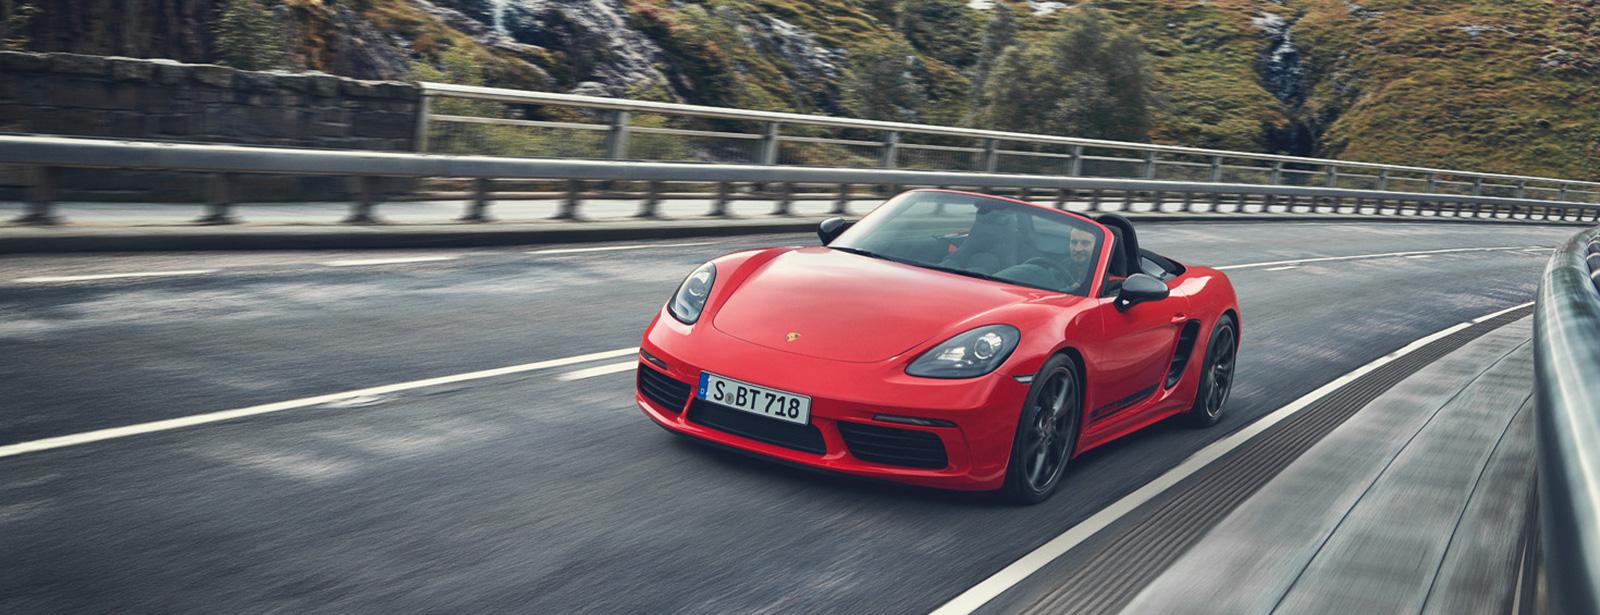 Porsche - The Sportscar Days